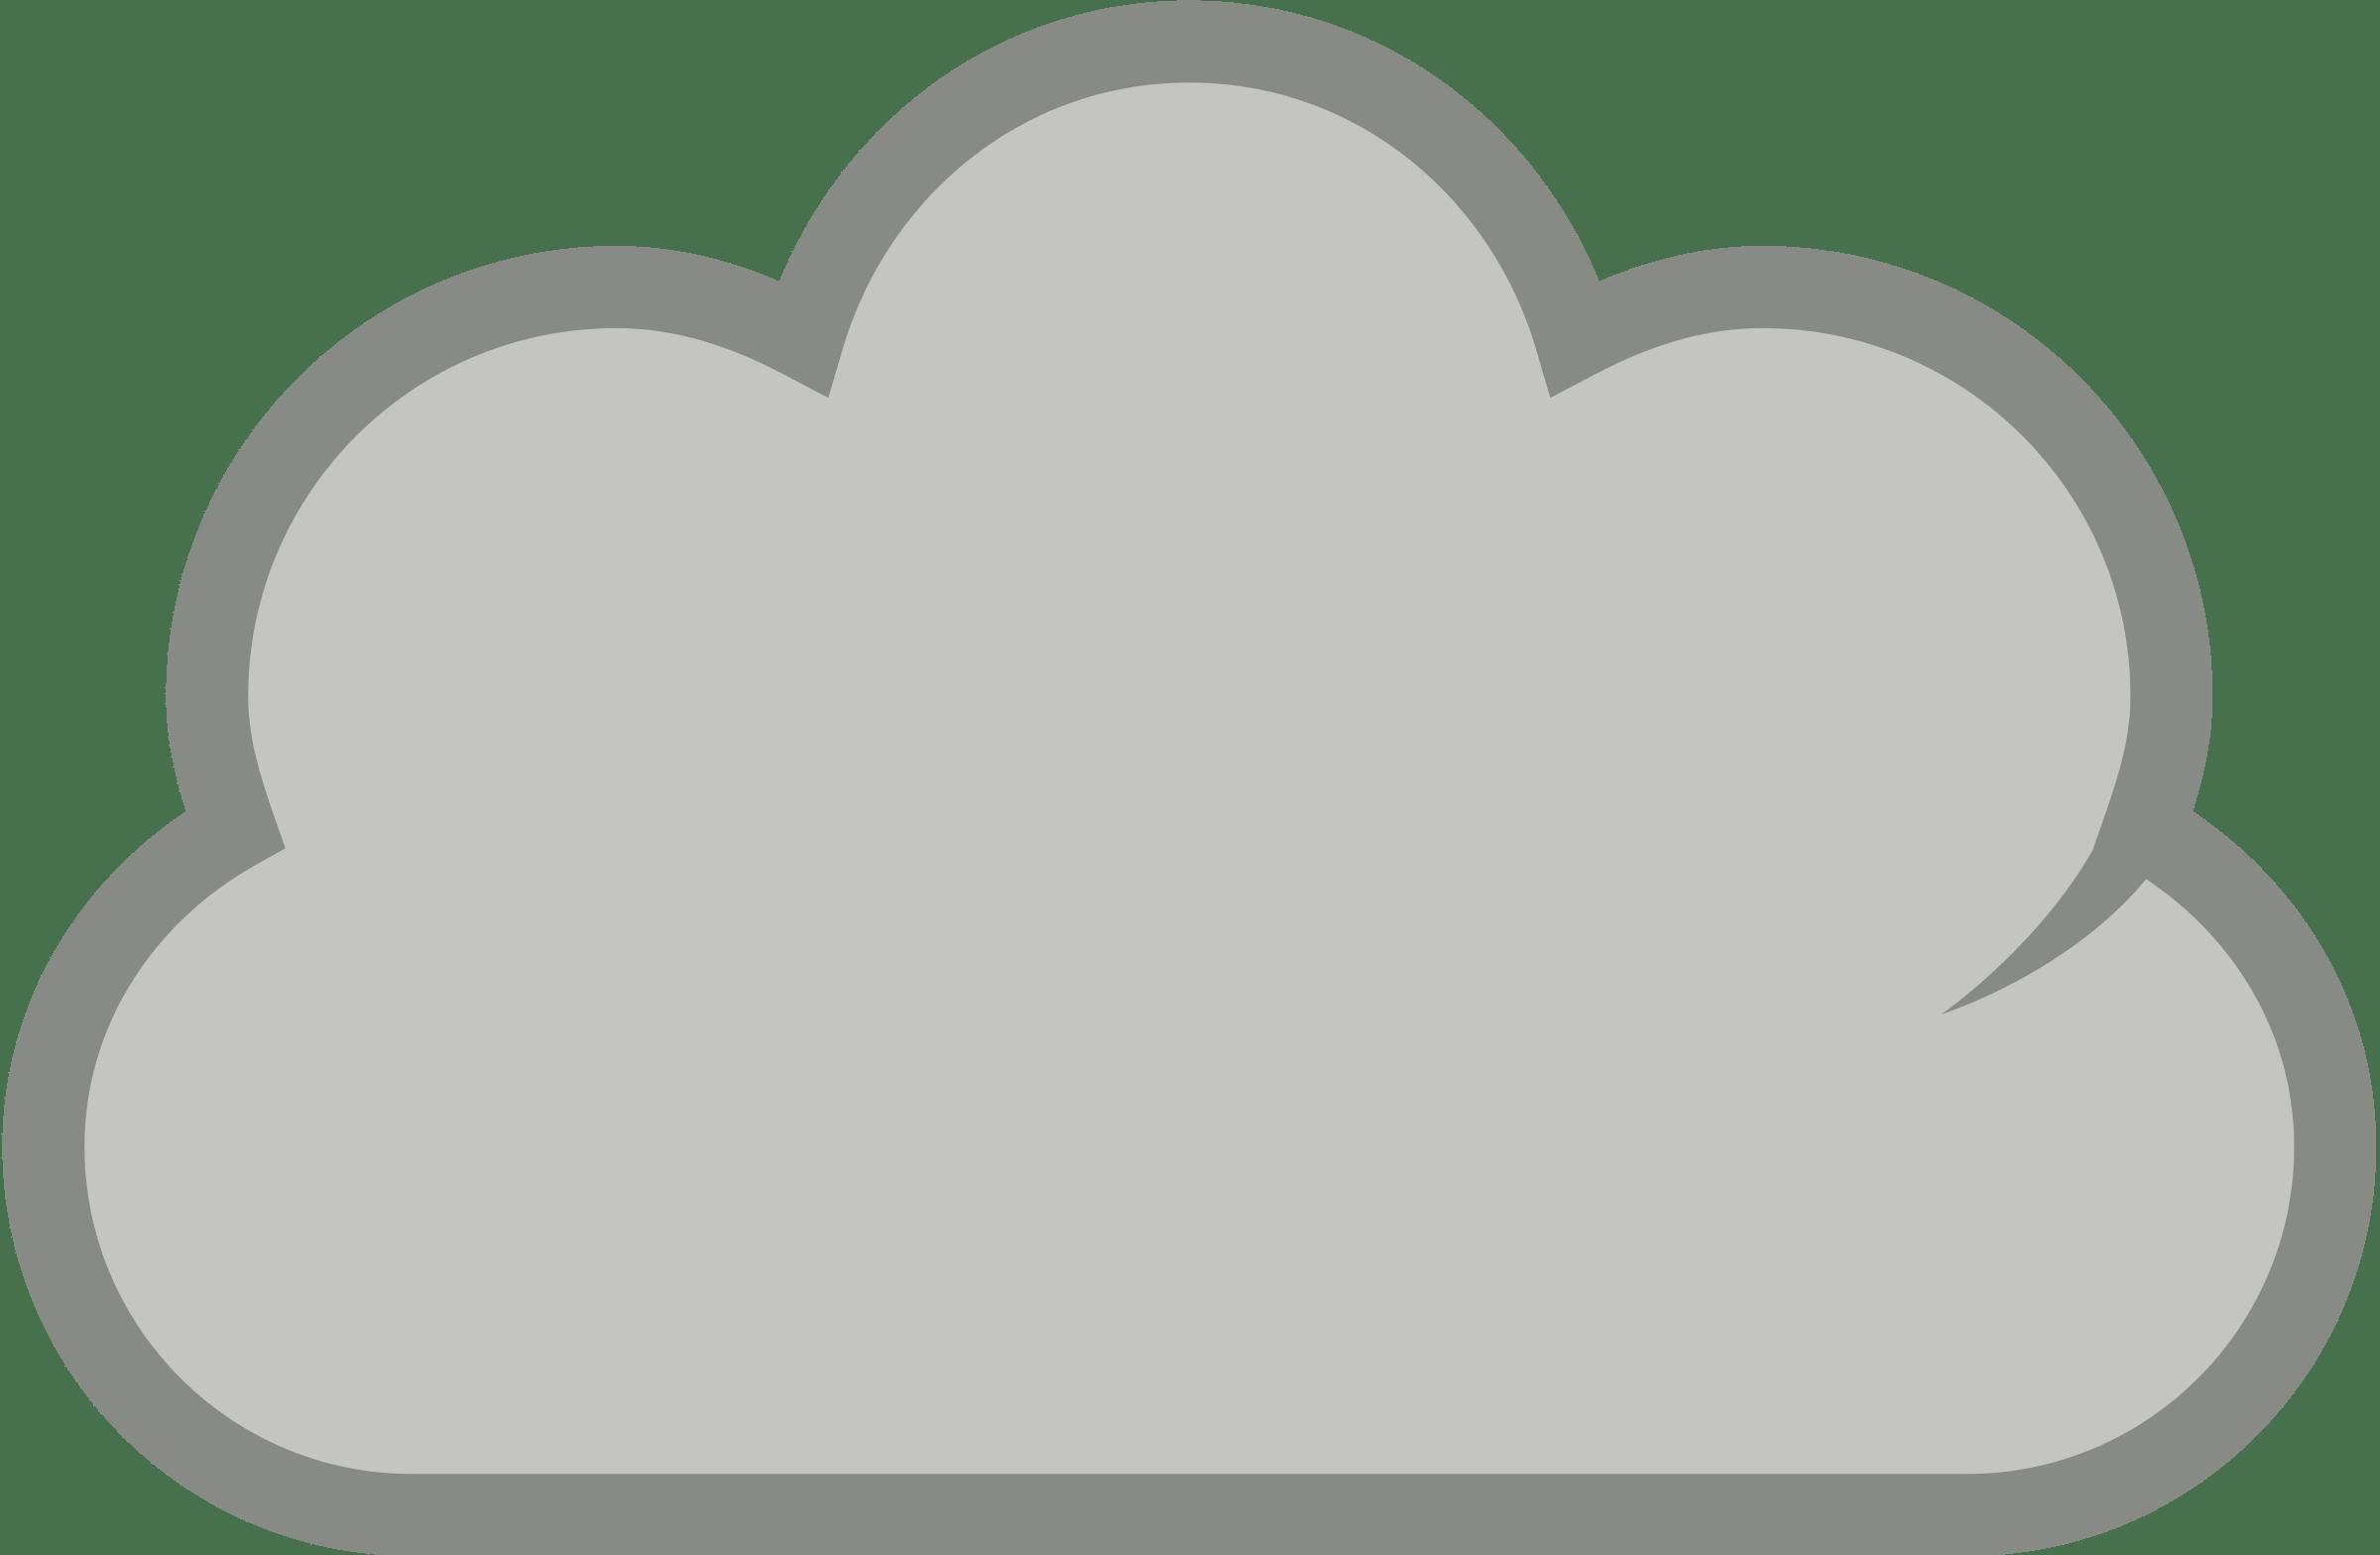 Rain Clouds Clip Art